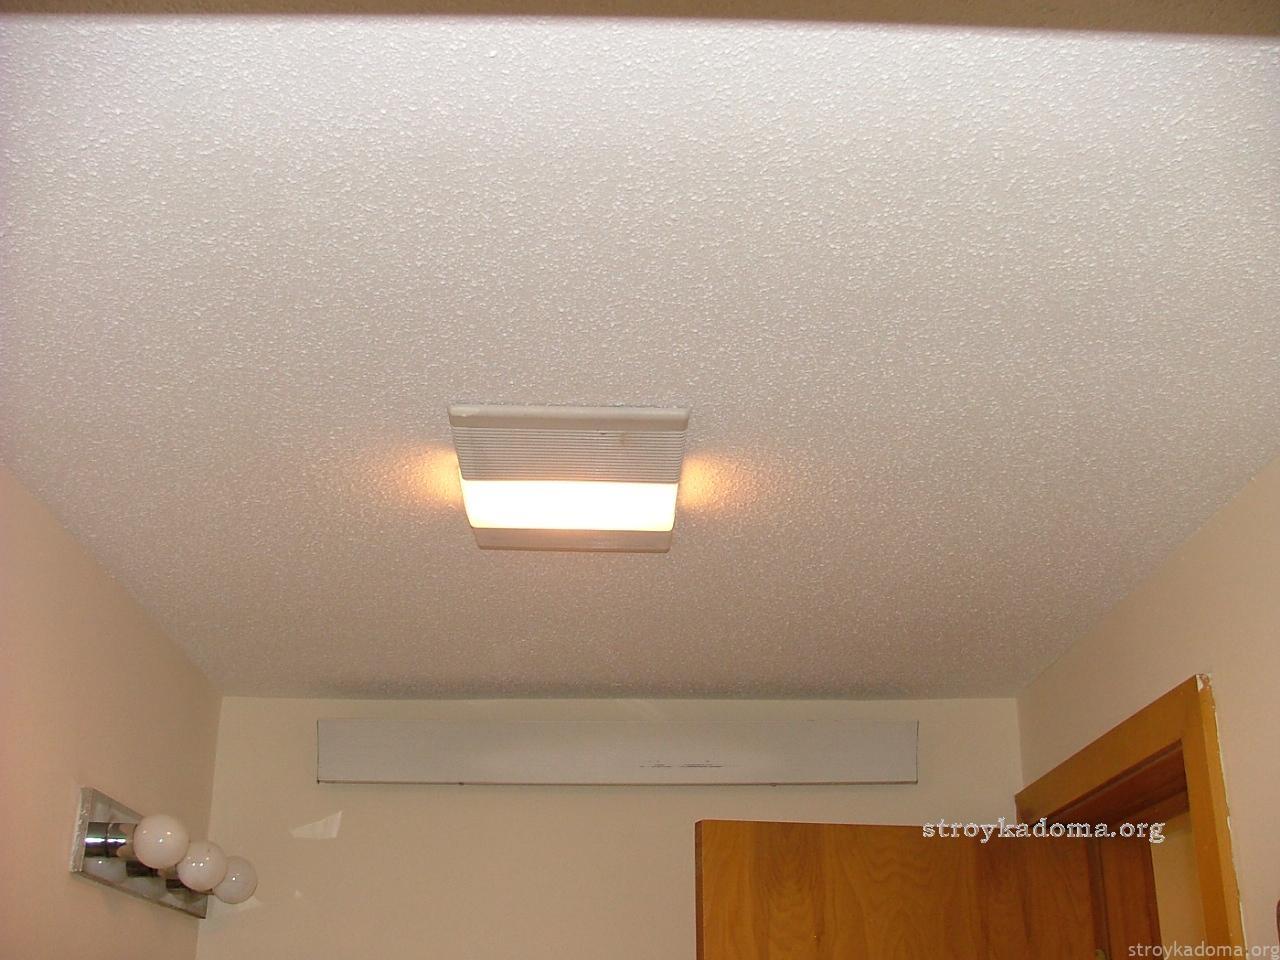 Как сделать ремонт потолка своими руками фото фото 923